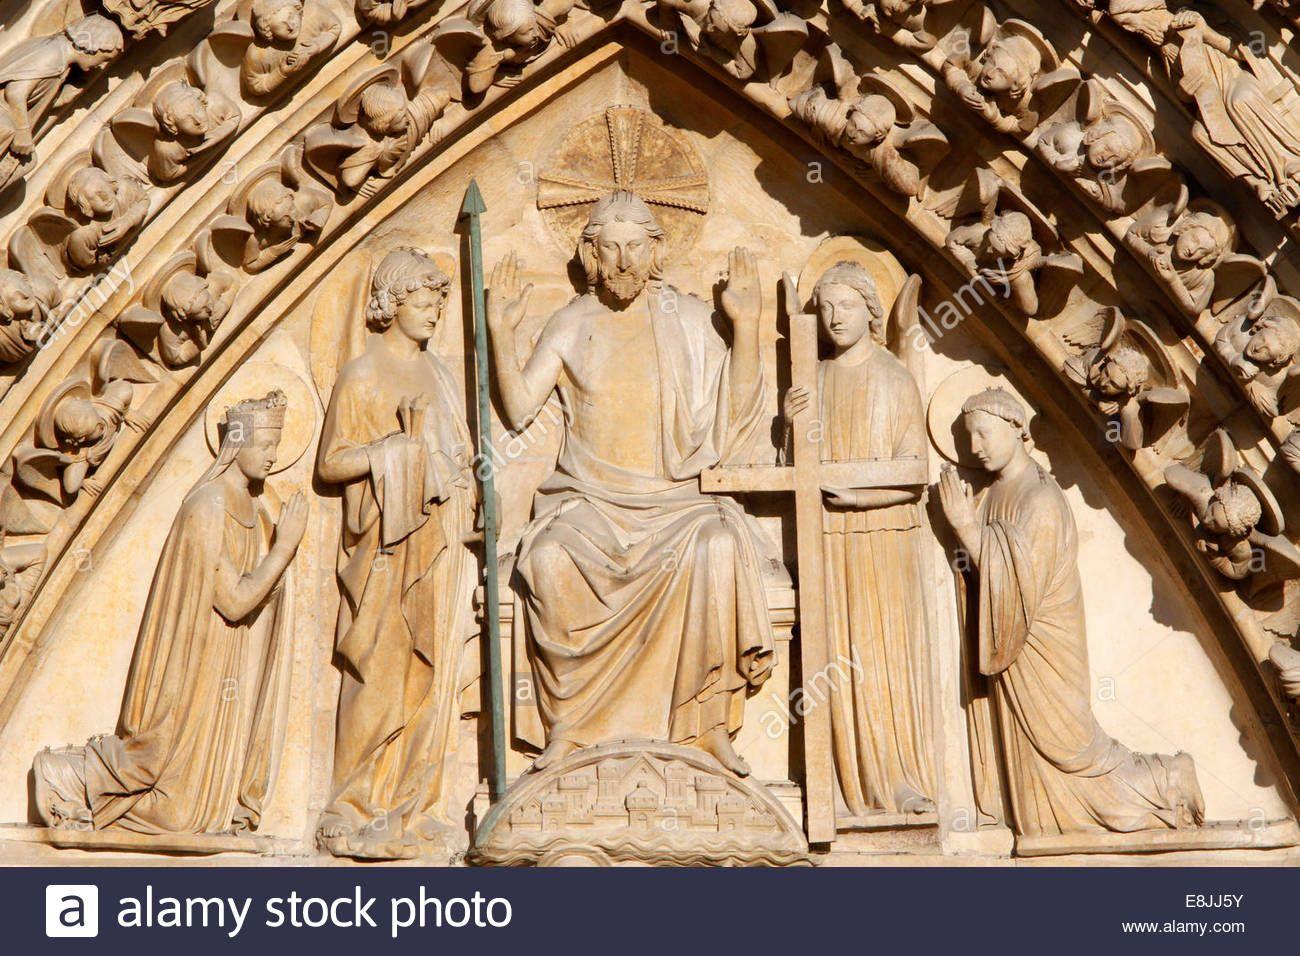 notre-dame-de-paris-cathedral-portal-of-the-last-judgment-tympanum-E8JJ5Y.jpg (1300×956)